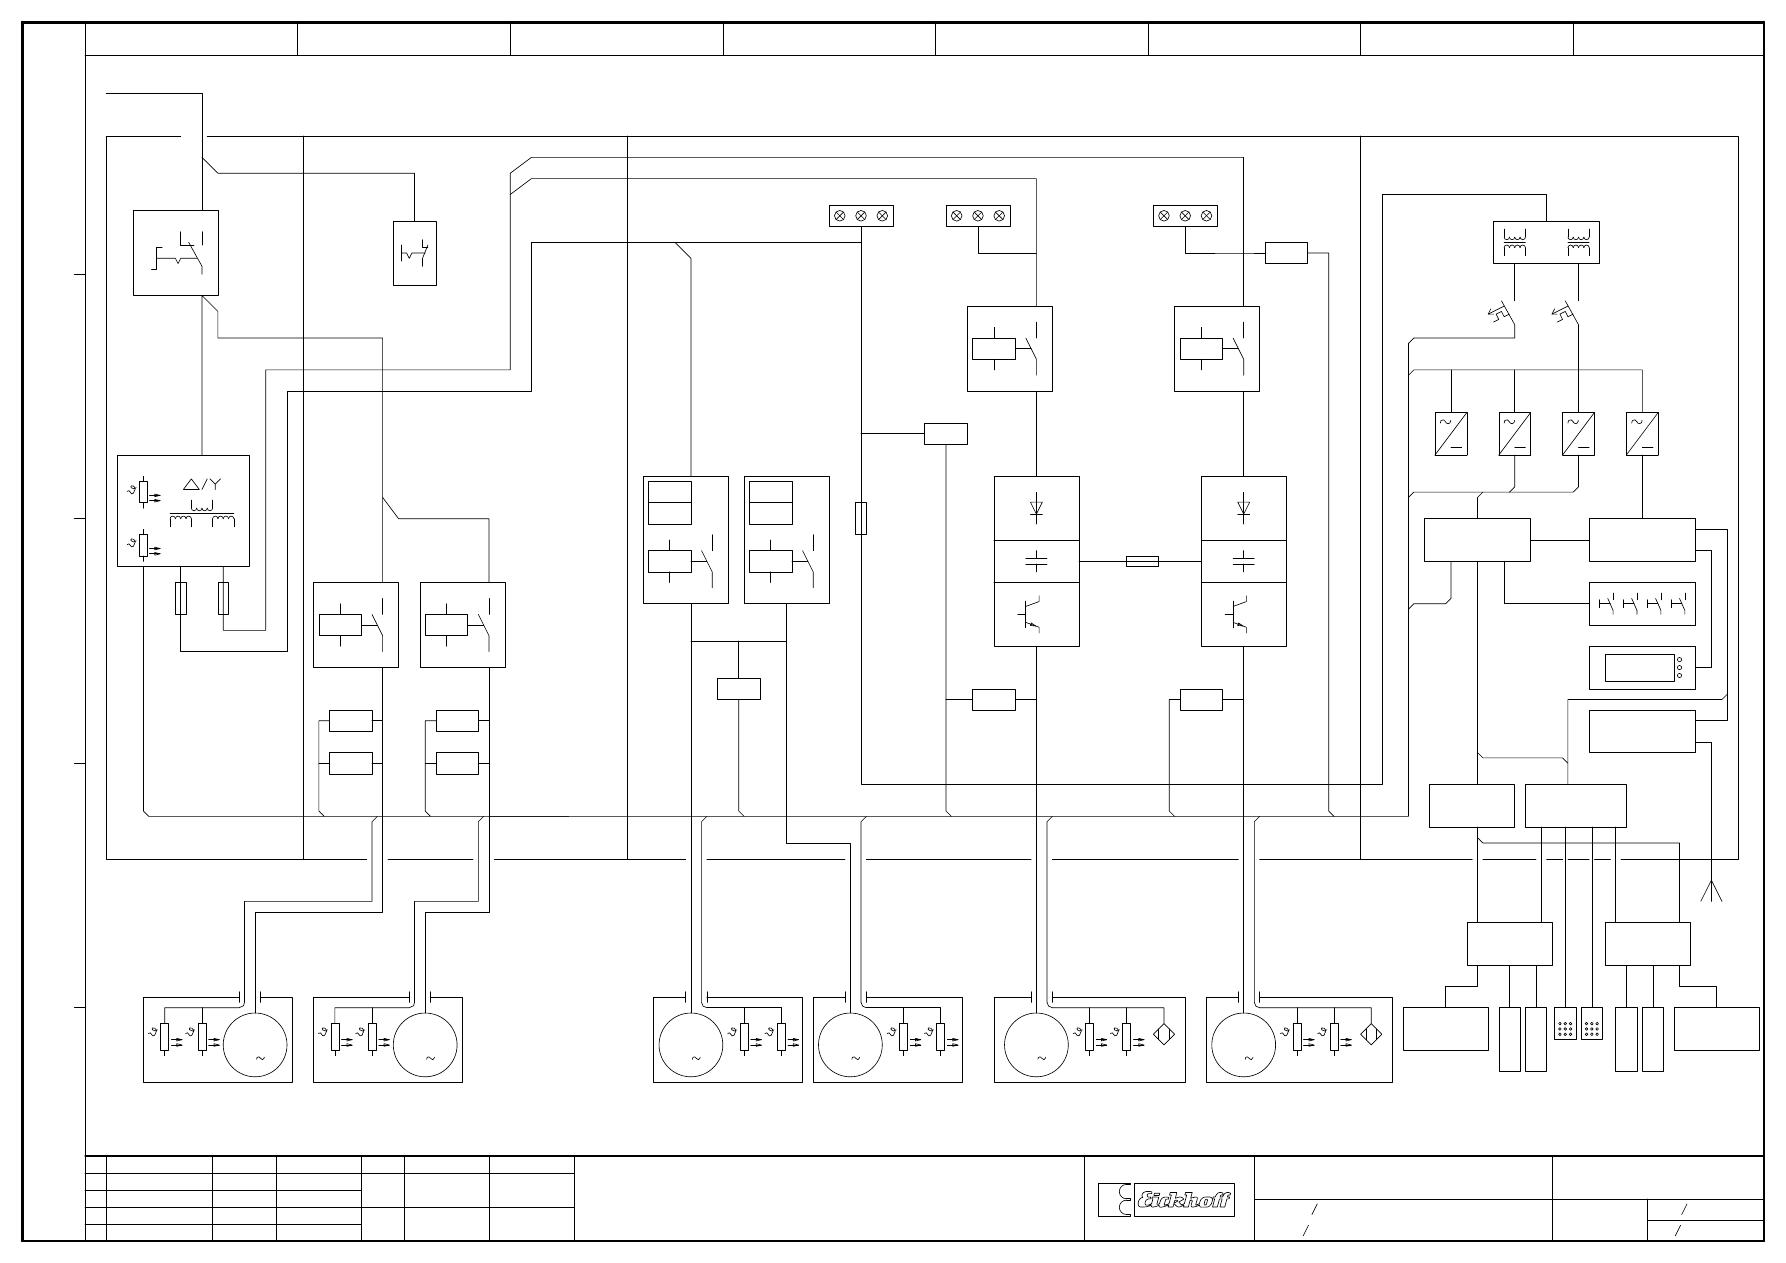 Tolle Verdrahtungsdesign Bilder - Die Besten Elektrischen Schaltplan ...